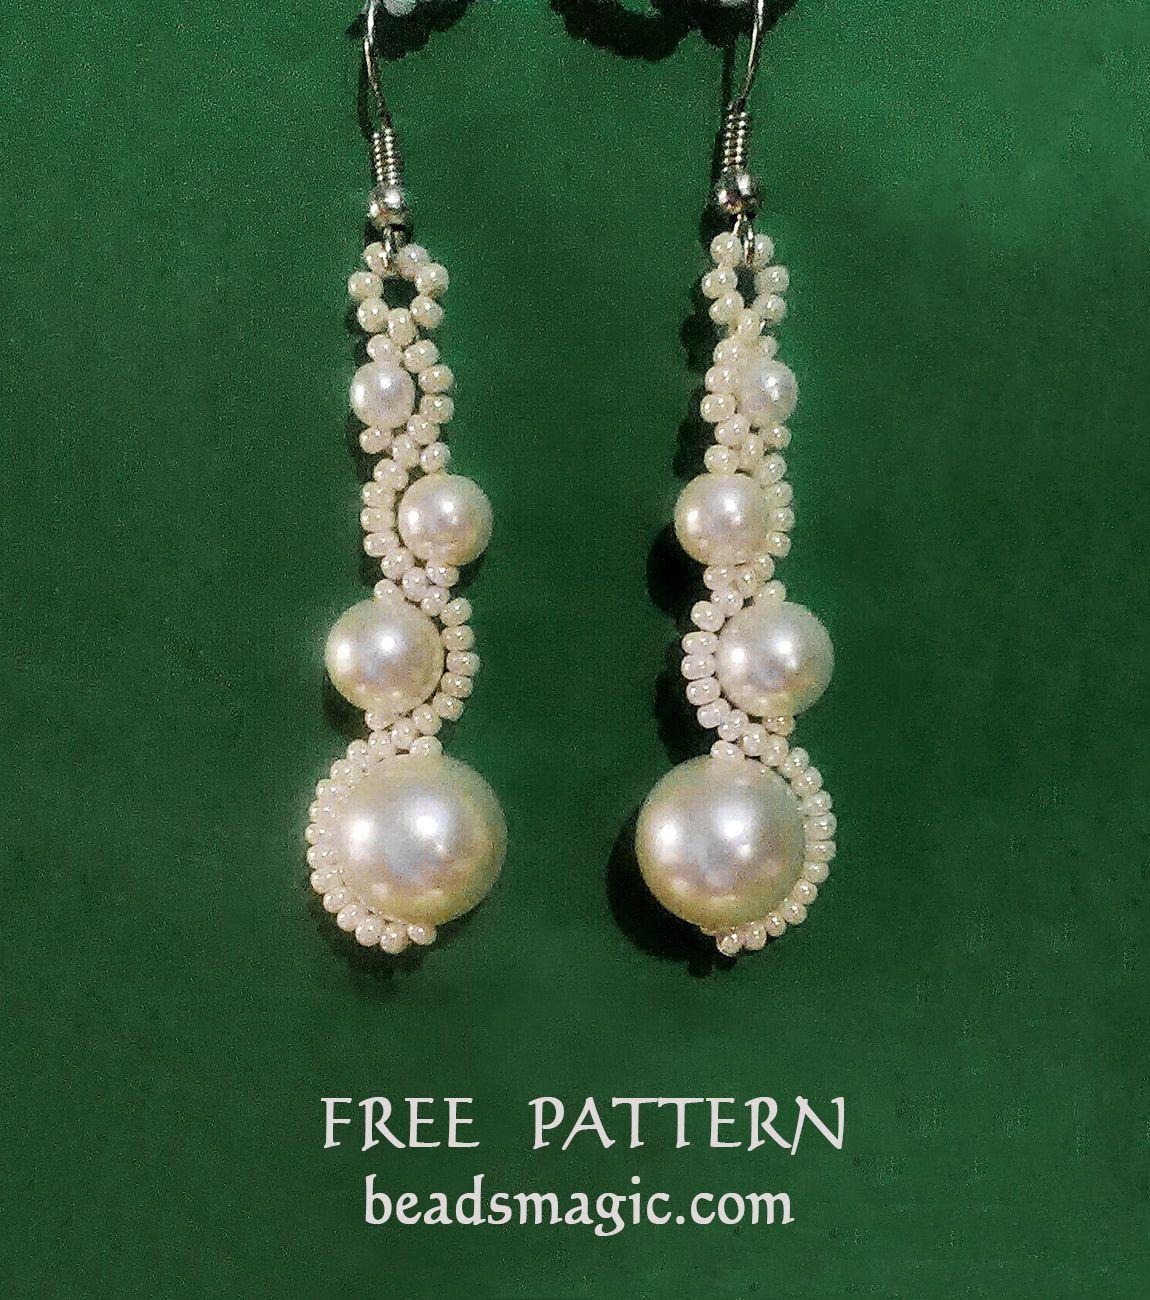 MIXIA Exaggerated Luxury Sun Moon Stars Drop Earrings Rhinestone Punk Earrings for Women Jewelry Golden Boho Vintage Earrings is part of Beaded earrings tutorials, Beaded earrings patterns, Earring patterns, Jewelry patterns, Beaded jewelry, Beaded earrings - 1 4In+0 8In